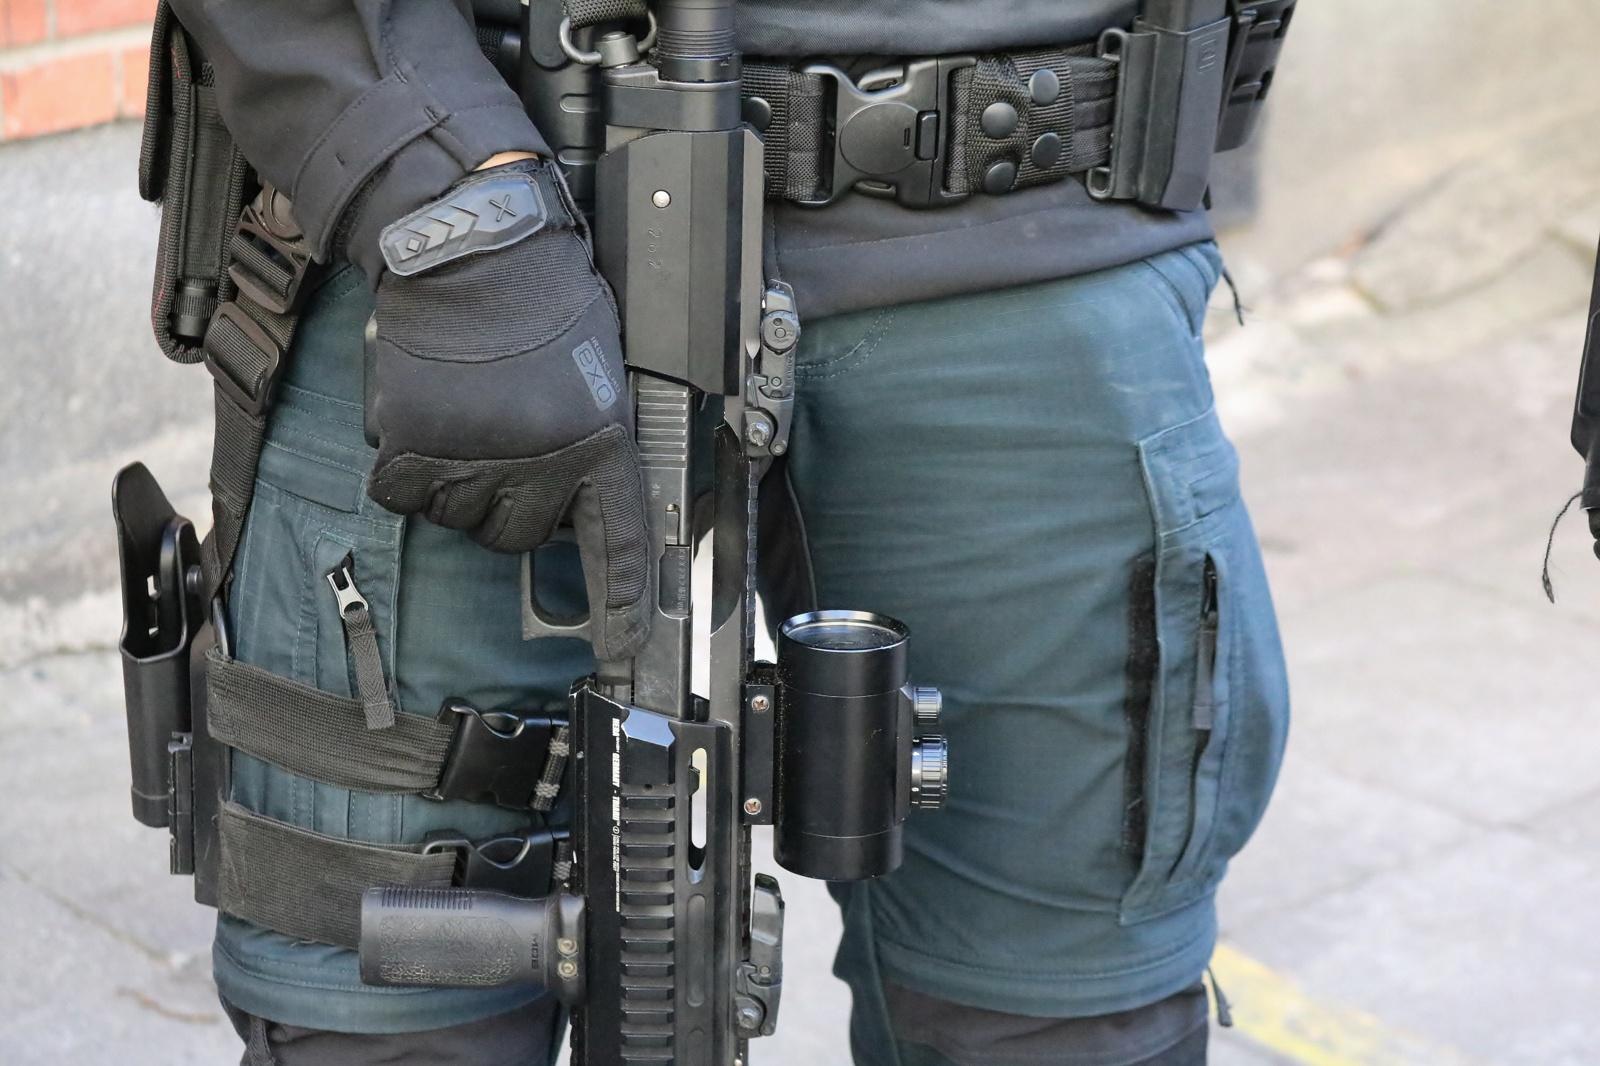 Pasaulinio masto operacija: konfiskuotas įspūdingas kiekis narkotikų, sulaikyti lietuviai